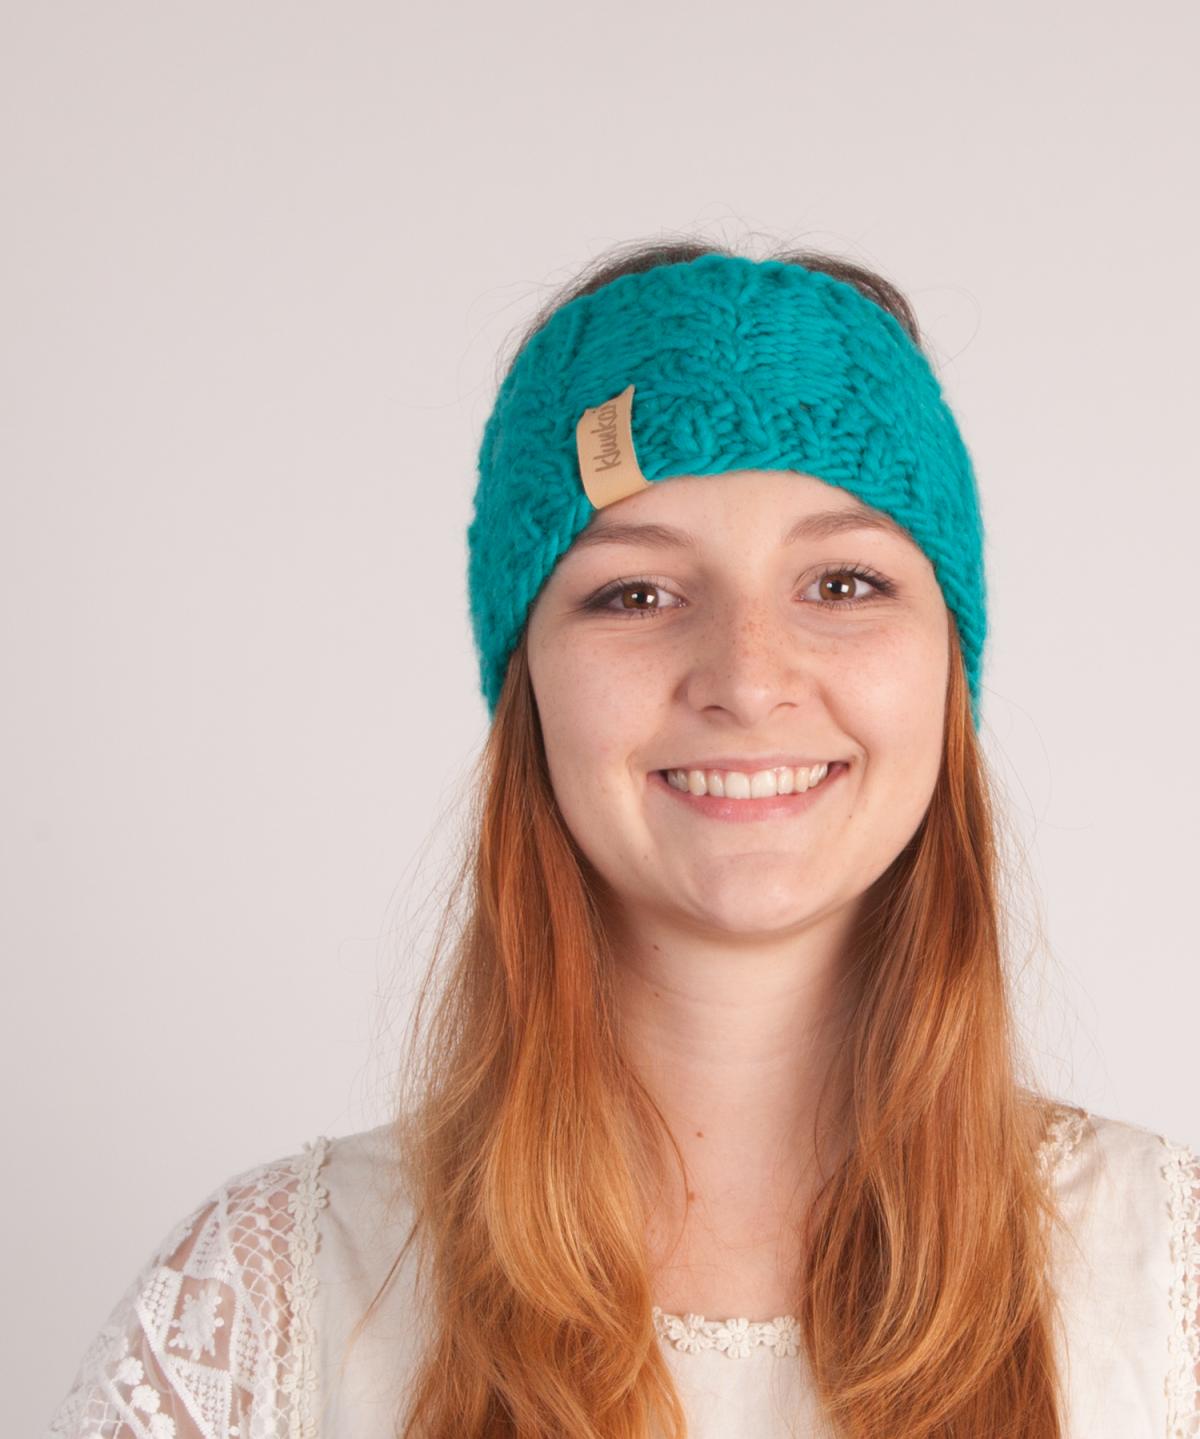 Hübsche, lächelnde Frau trägt türkisblaues Stirnband.